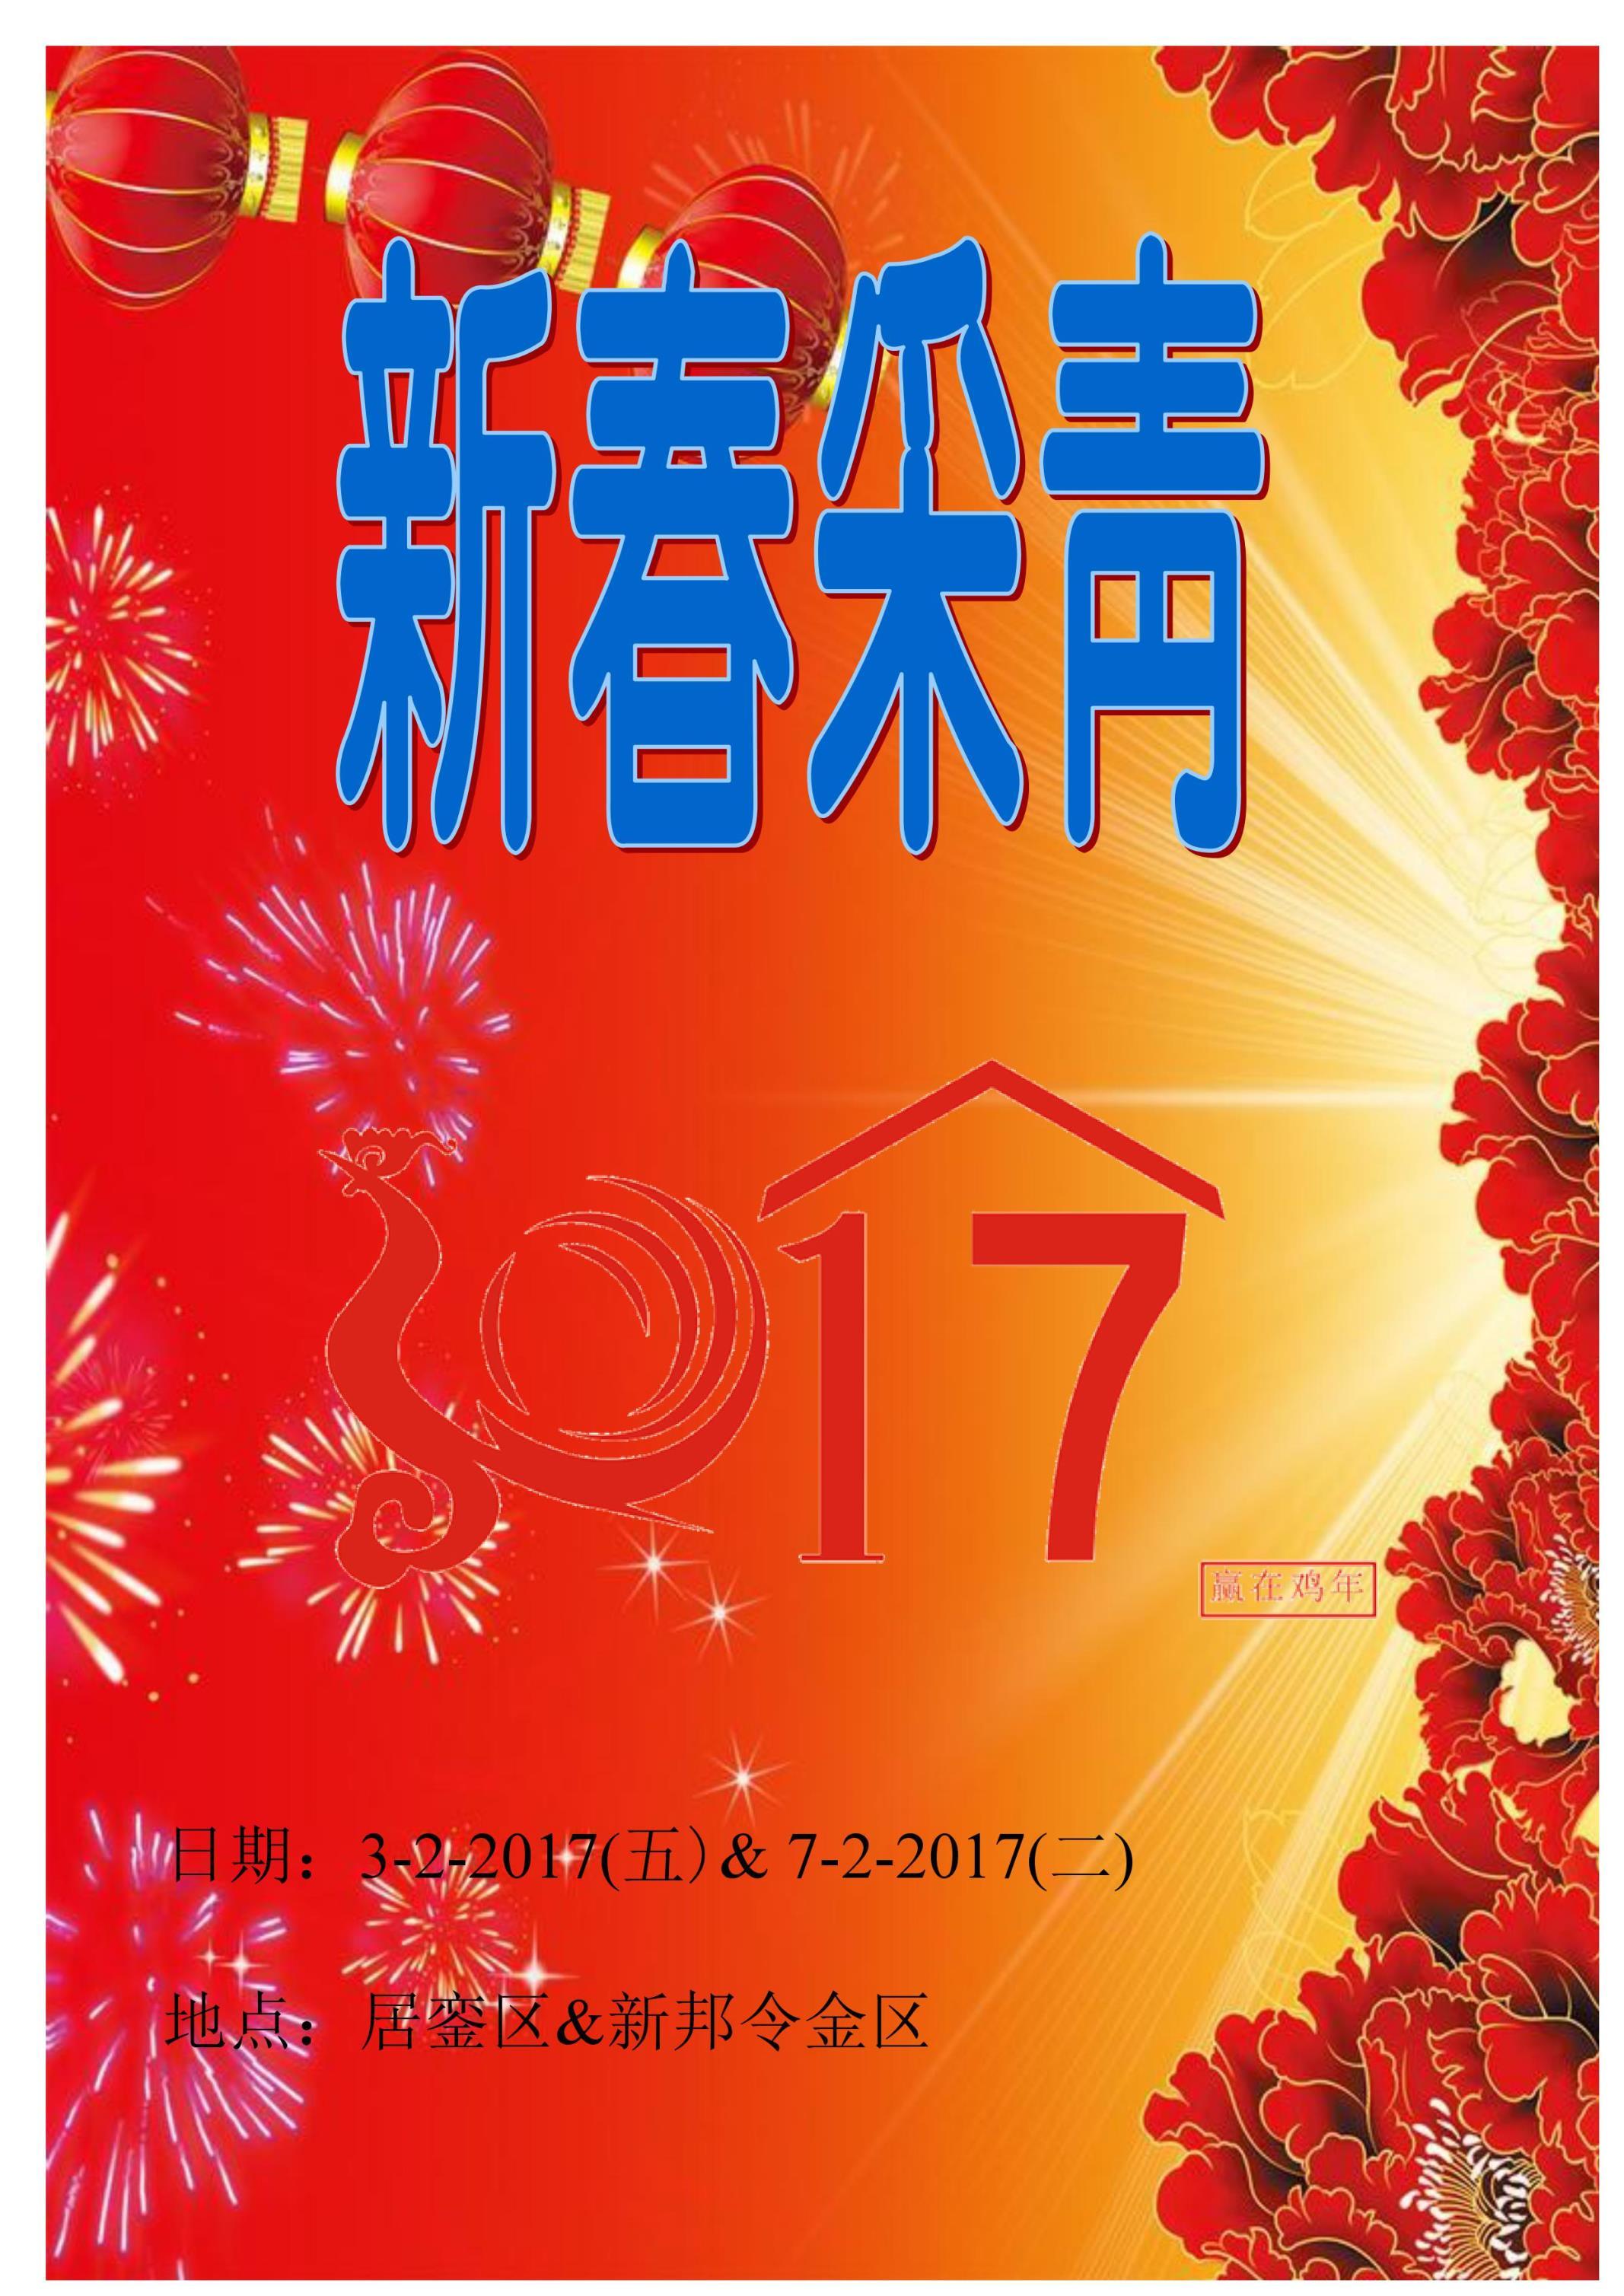 2017年舞狮采青